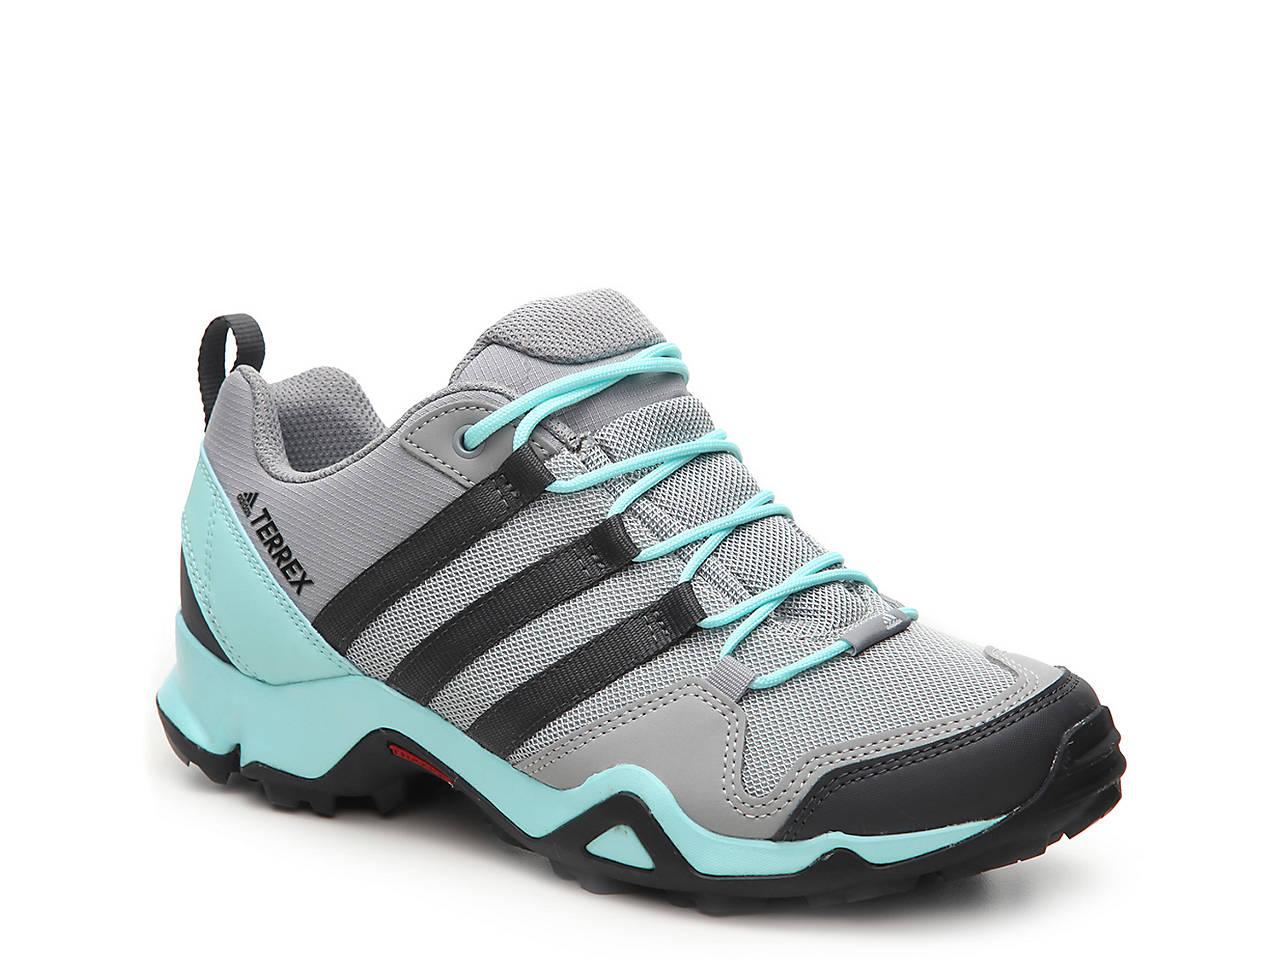 adidas Terrex AX2R Hiking Shoe Women s Shoes  410e5eb73f04